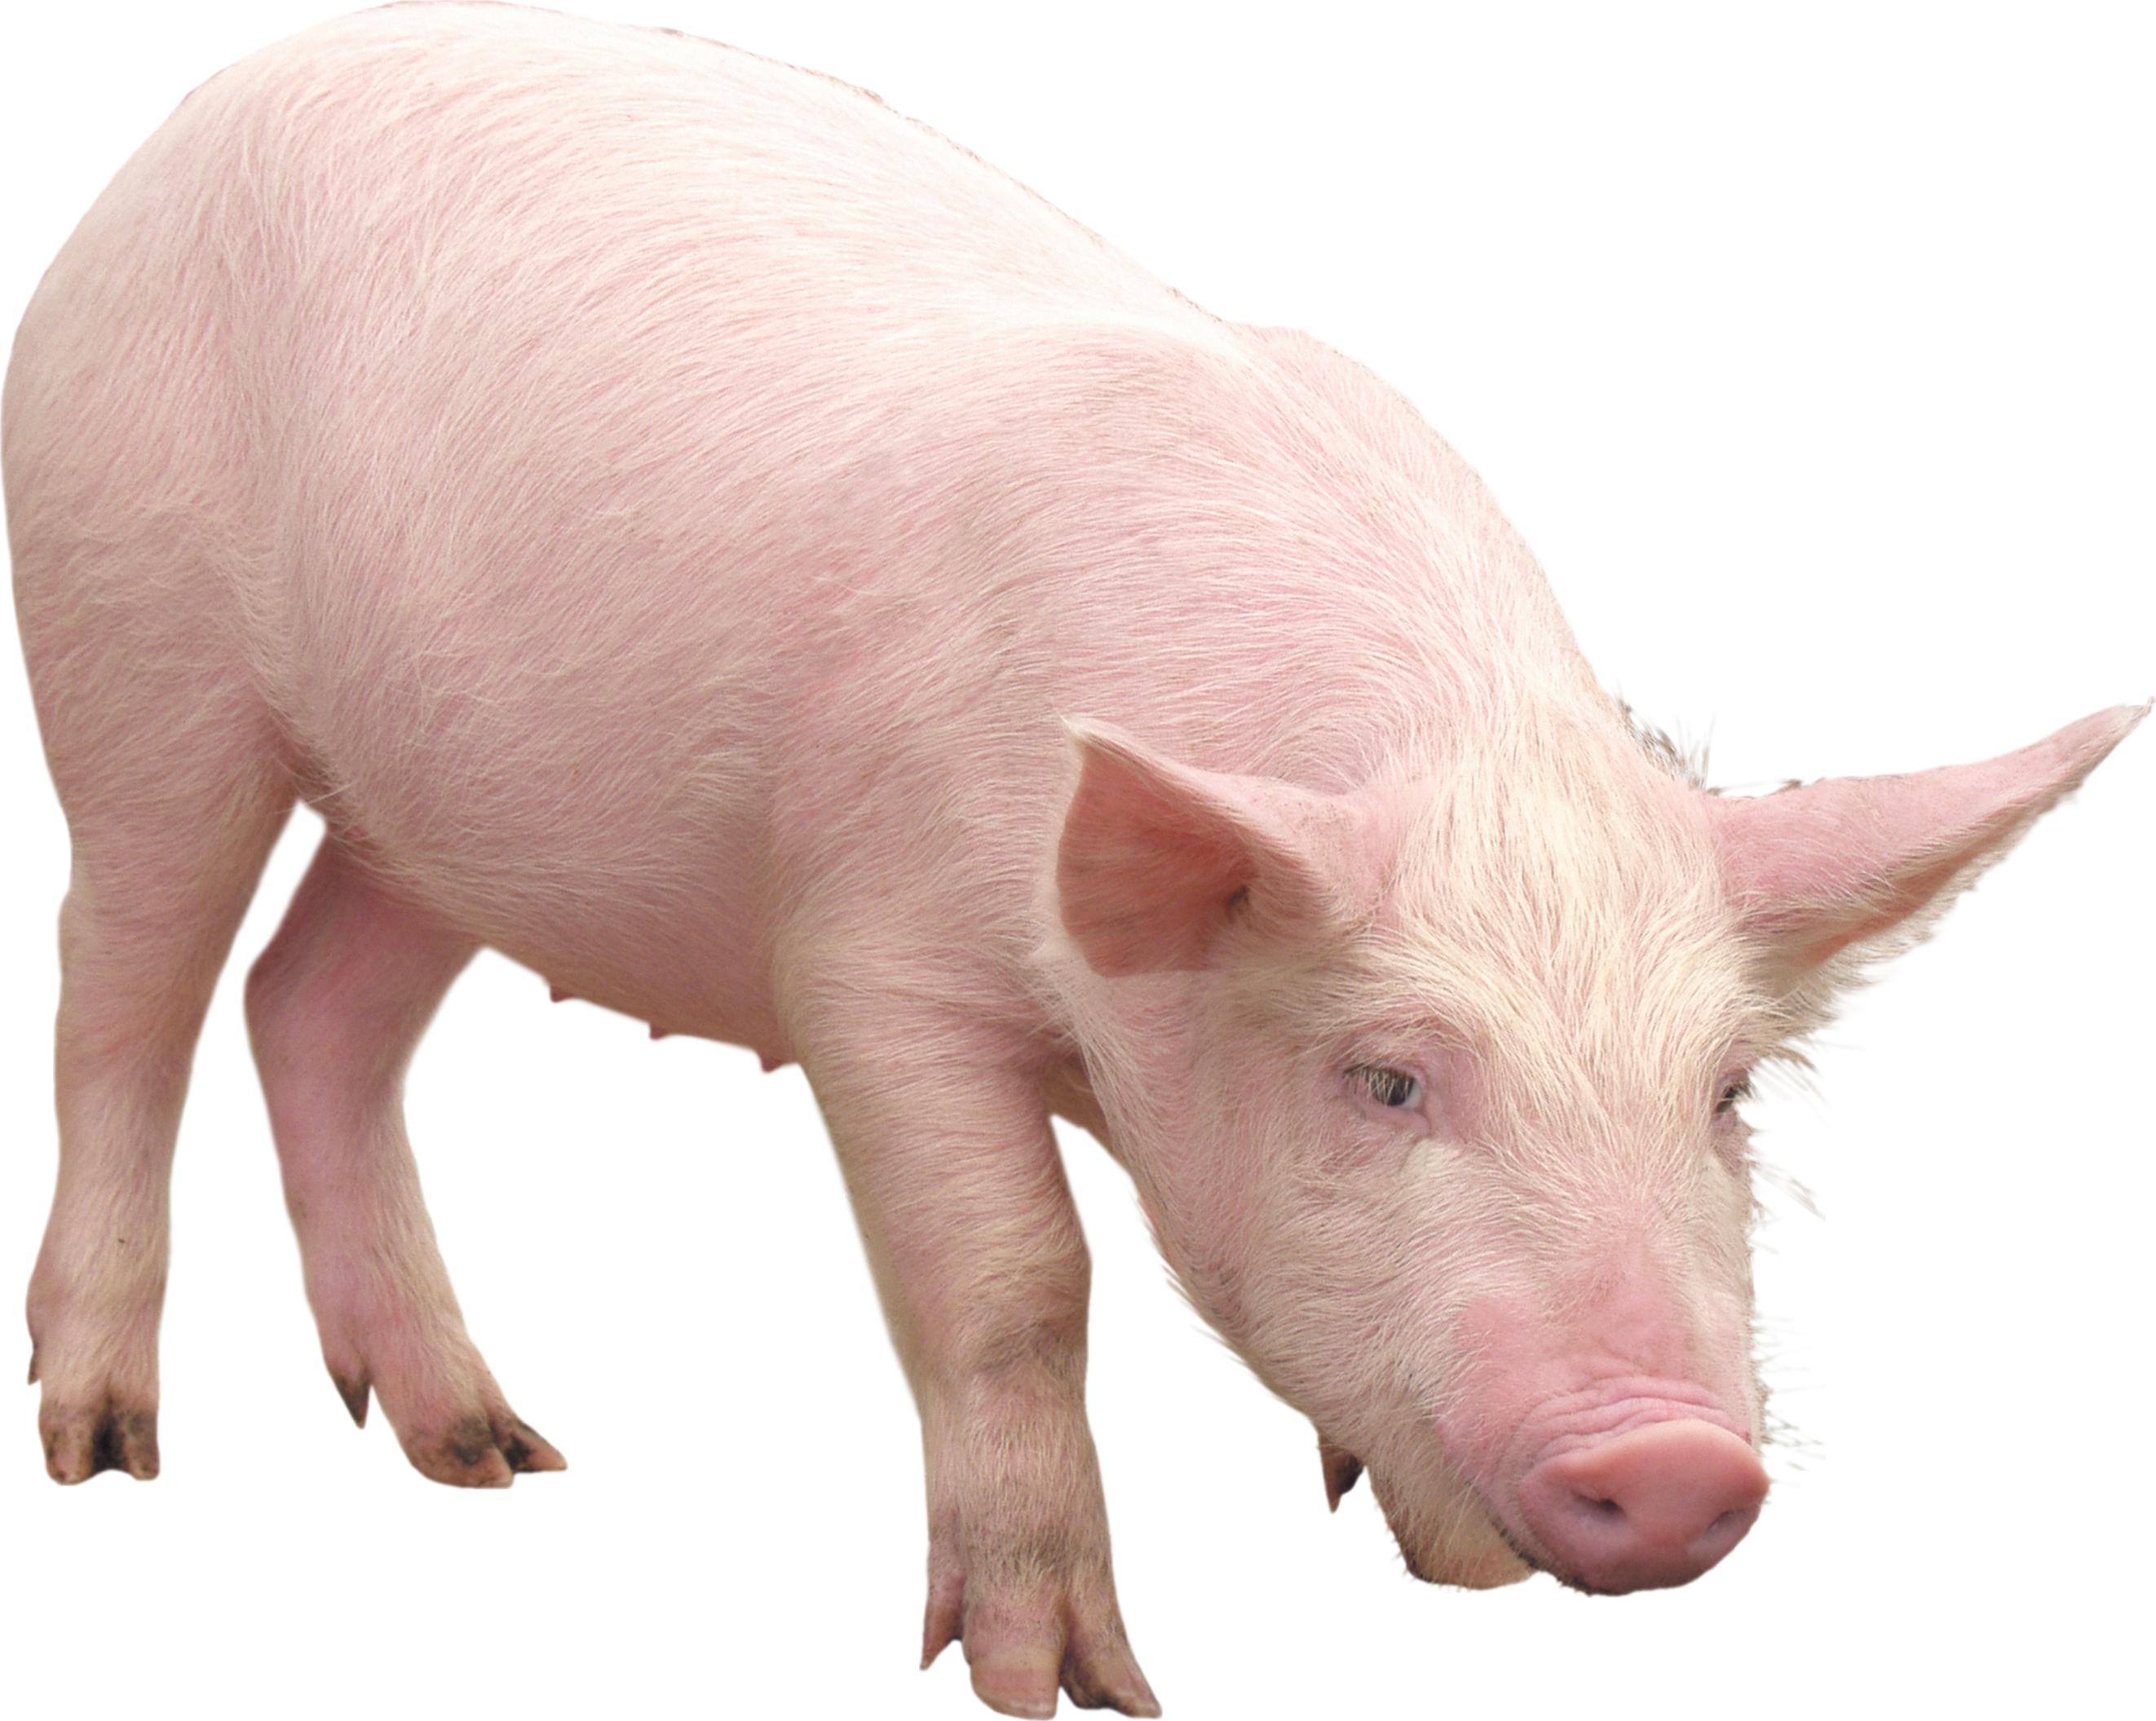 Cute Pig PNG HD - 122435